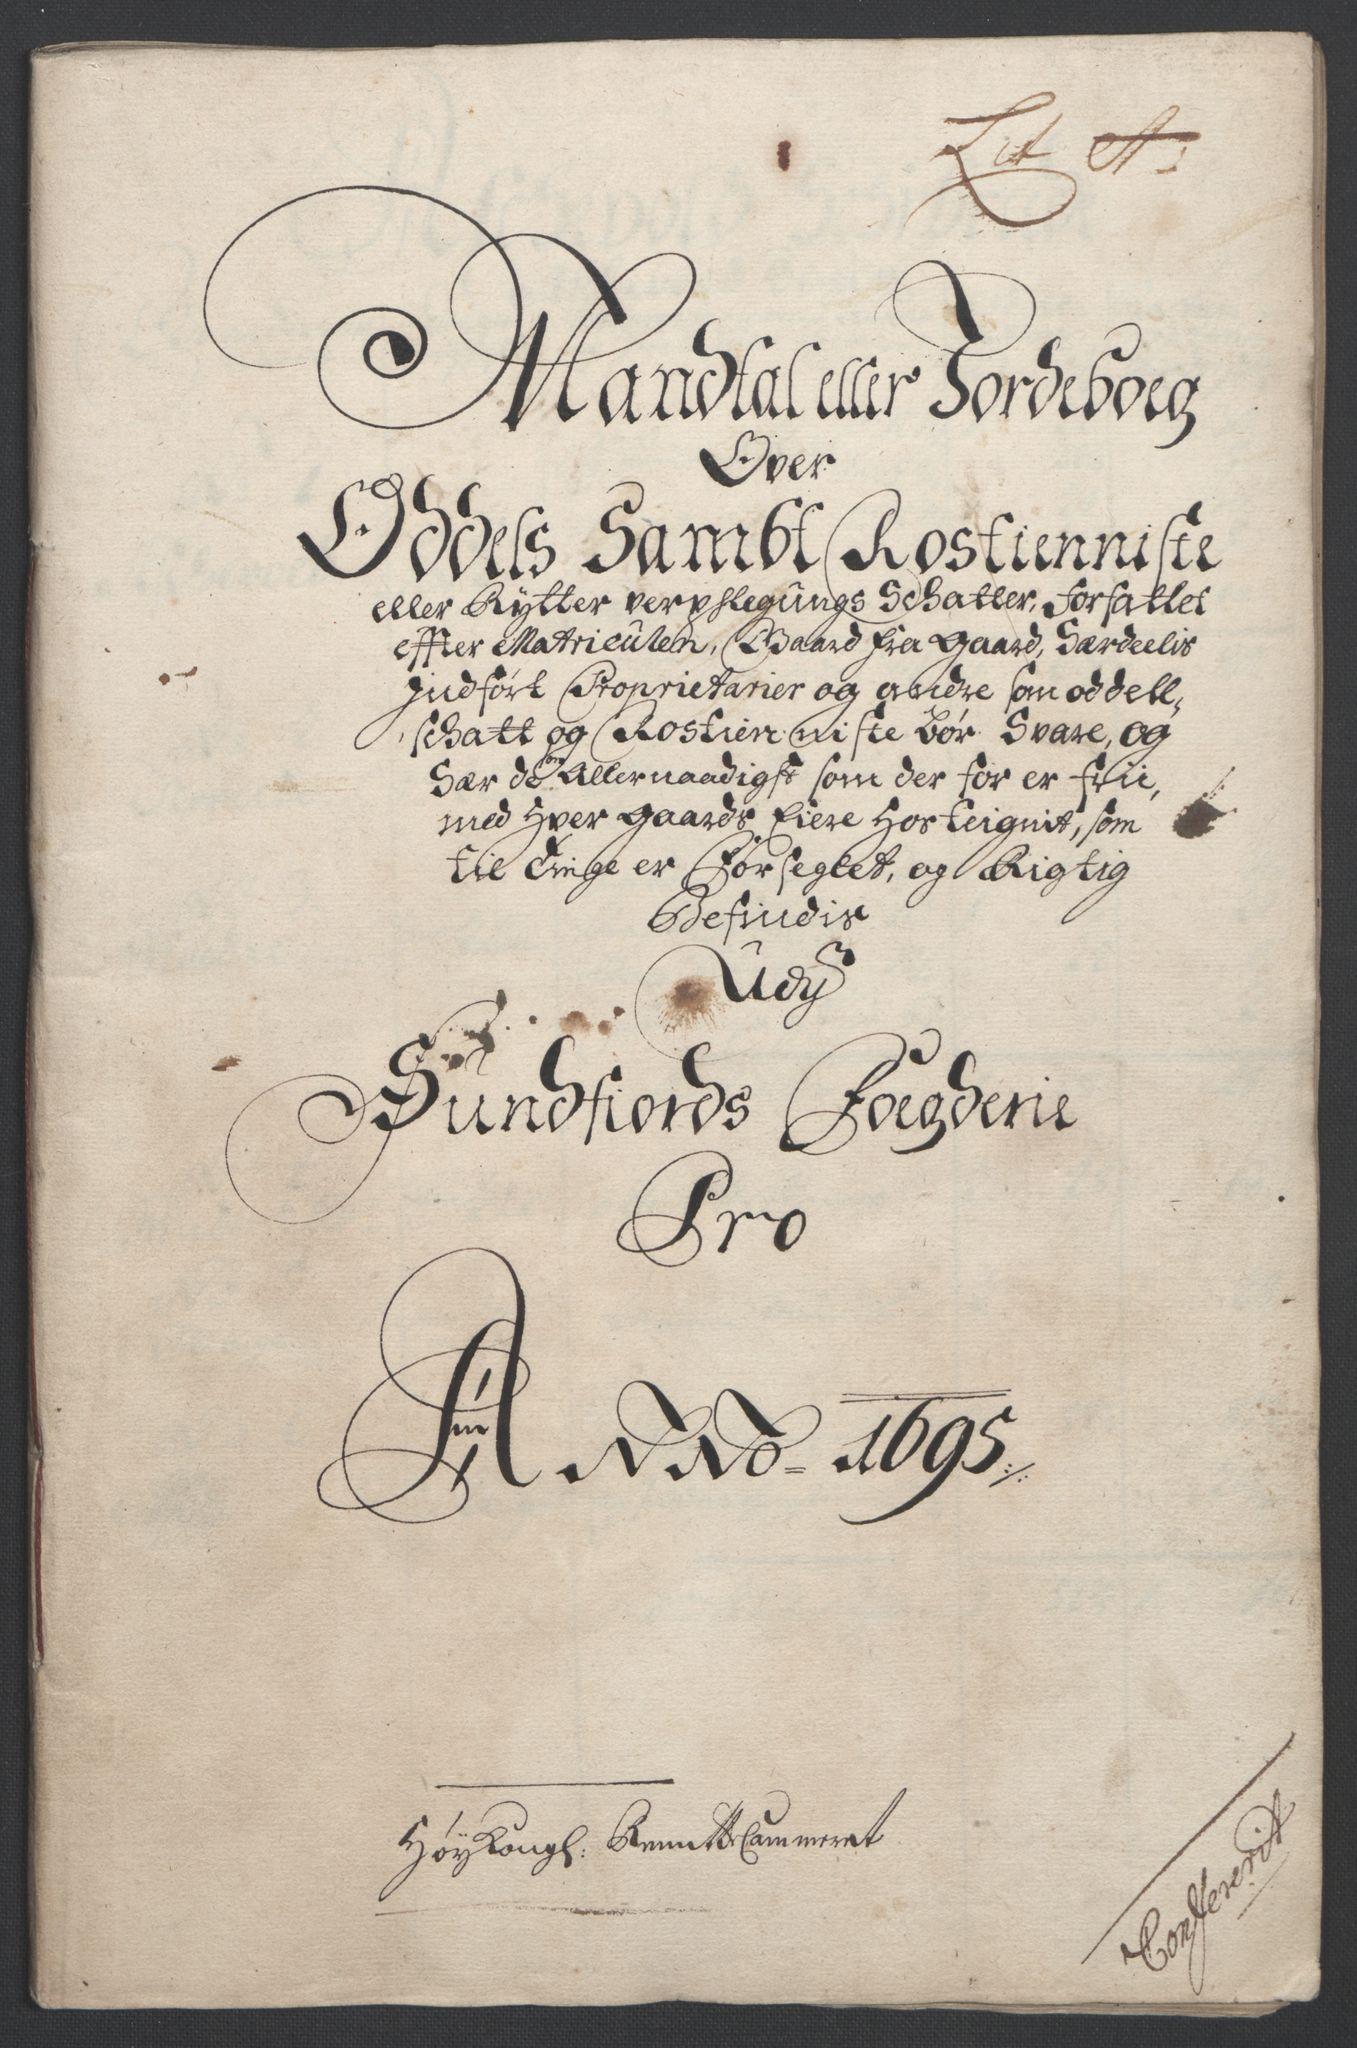 RA, Rentekammeret inntil 1814, Reviderte regnskaper, Fogderegnskap, R53/L3422: Fogderegnskap Sunn- og Nordfjord, 1695-1696, s. 21